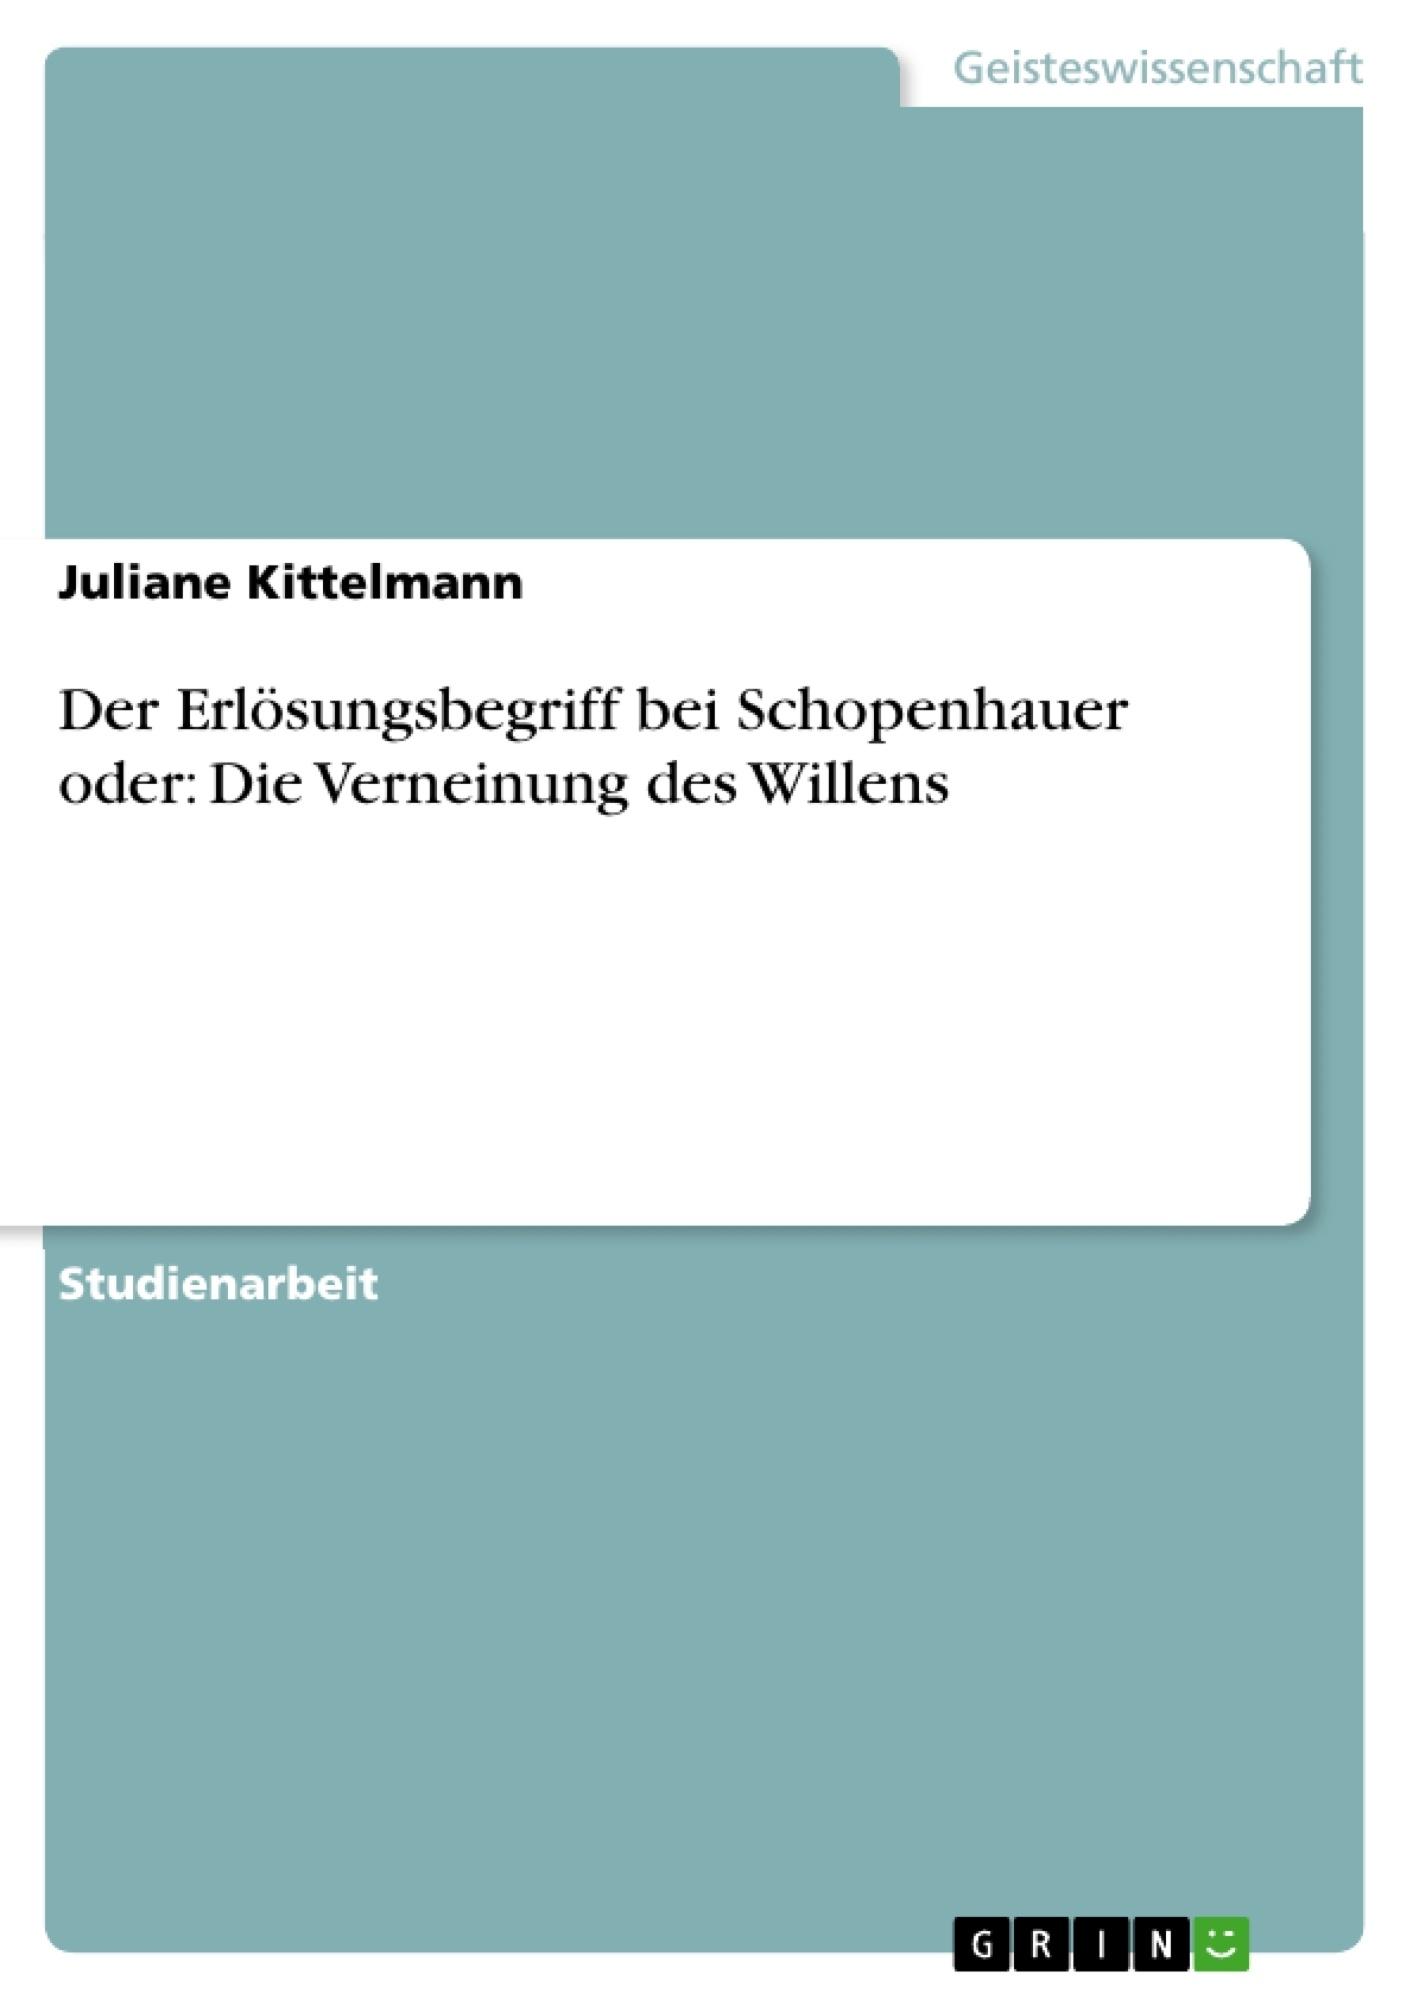 Titel: Der Erlösungsbegriff bei Schopenhauer oder: Die Verneinung des Willens